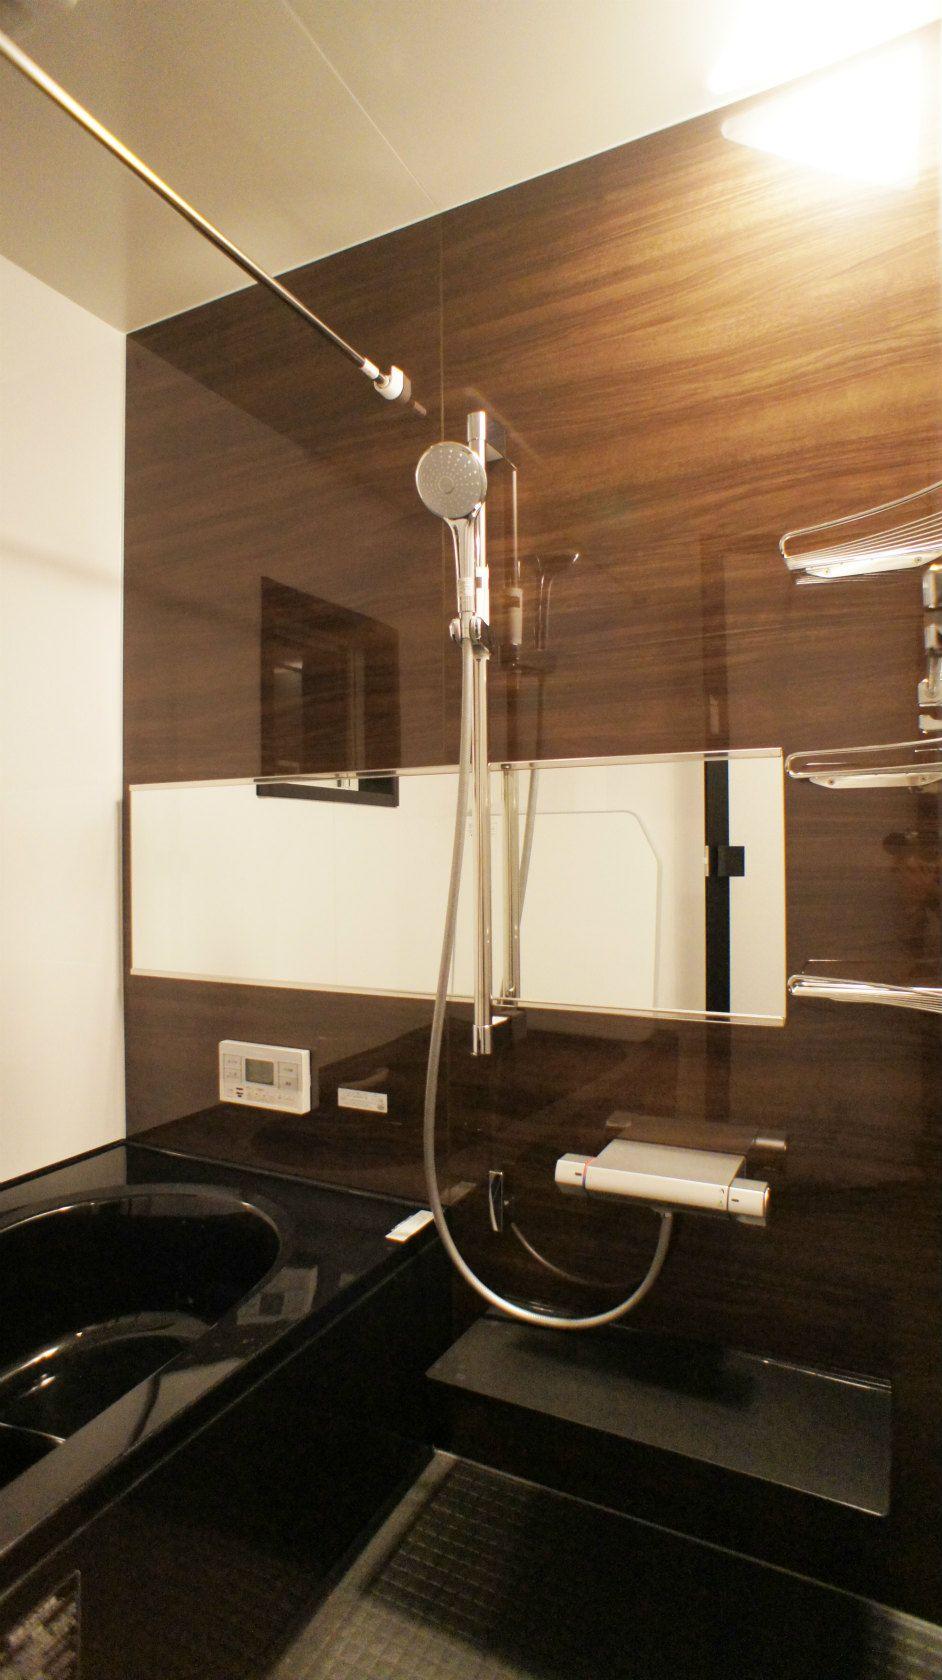 Lixilのバス 黒の浴槽にすることで 全体が引き締まり かっこいい印象に 鏡は横にすることで 奥行きが出て お風呂が広く感じます お風呂もくつろぐ場所になるといいですね 注文住宅 マイホーム 新築 インテリア 住宅 家 建築 家づくり マイホーム計画